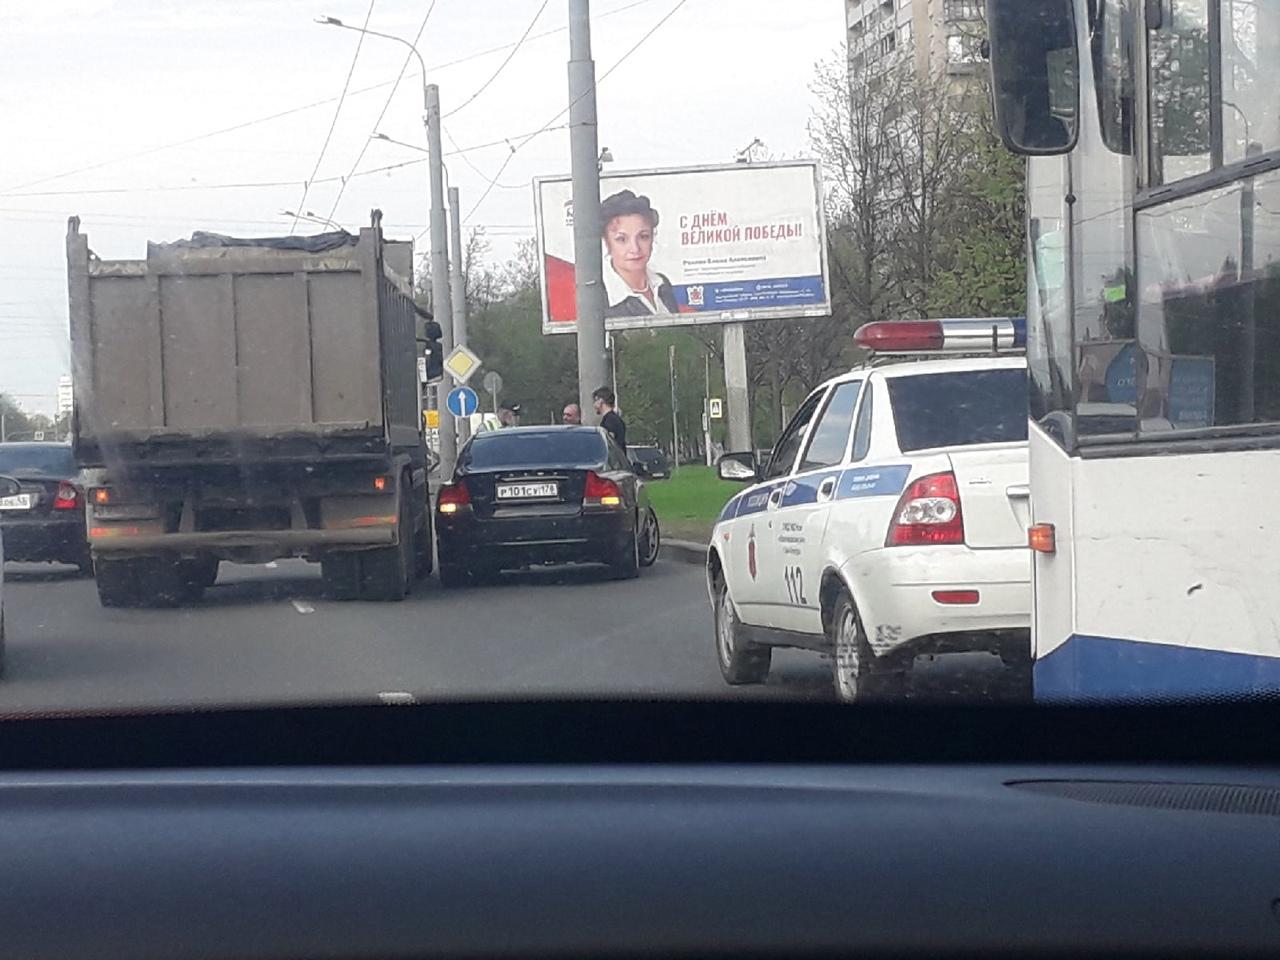 Камаз прижался к Volvo на Пискаревском перед Тухачевского в сторону Блюхера. Занят крайний правый и...